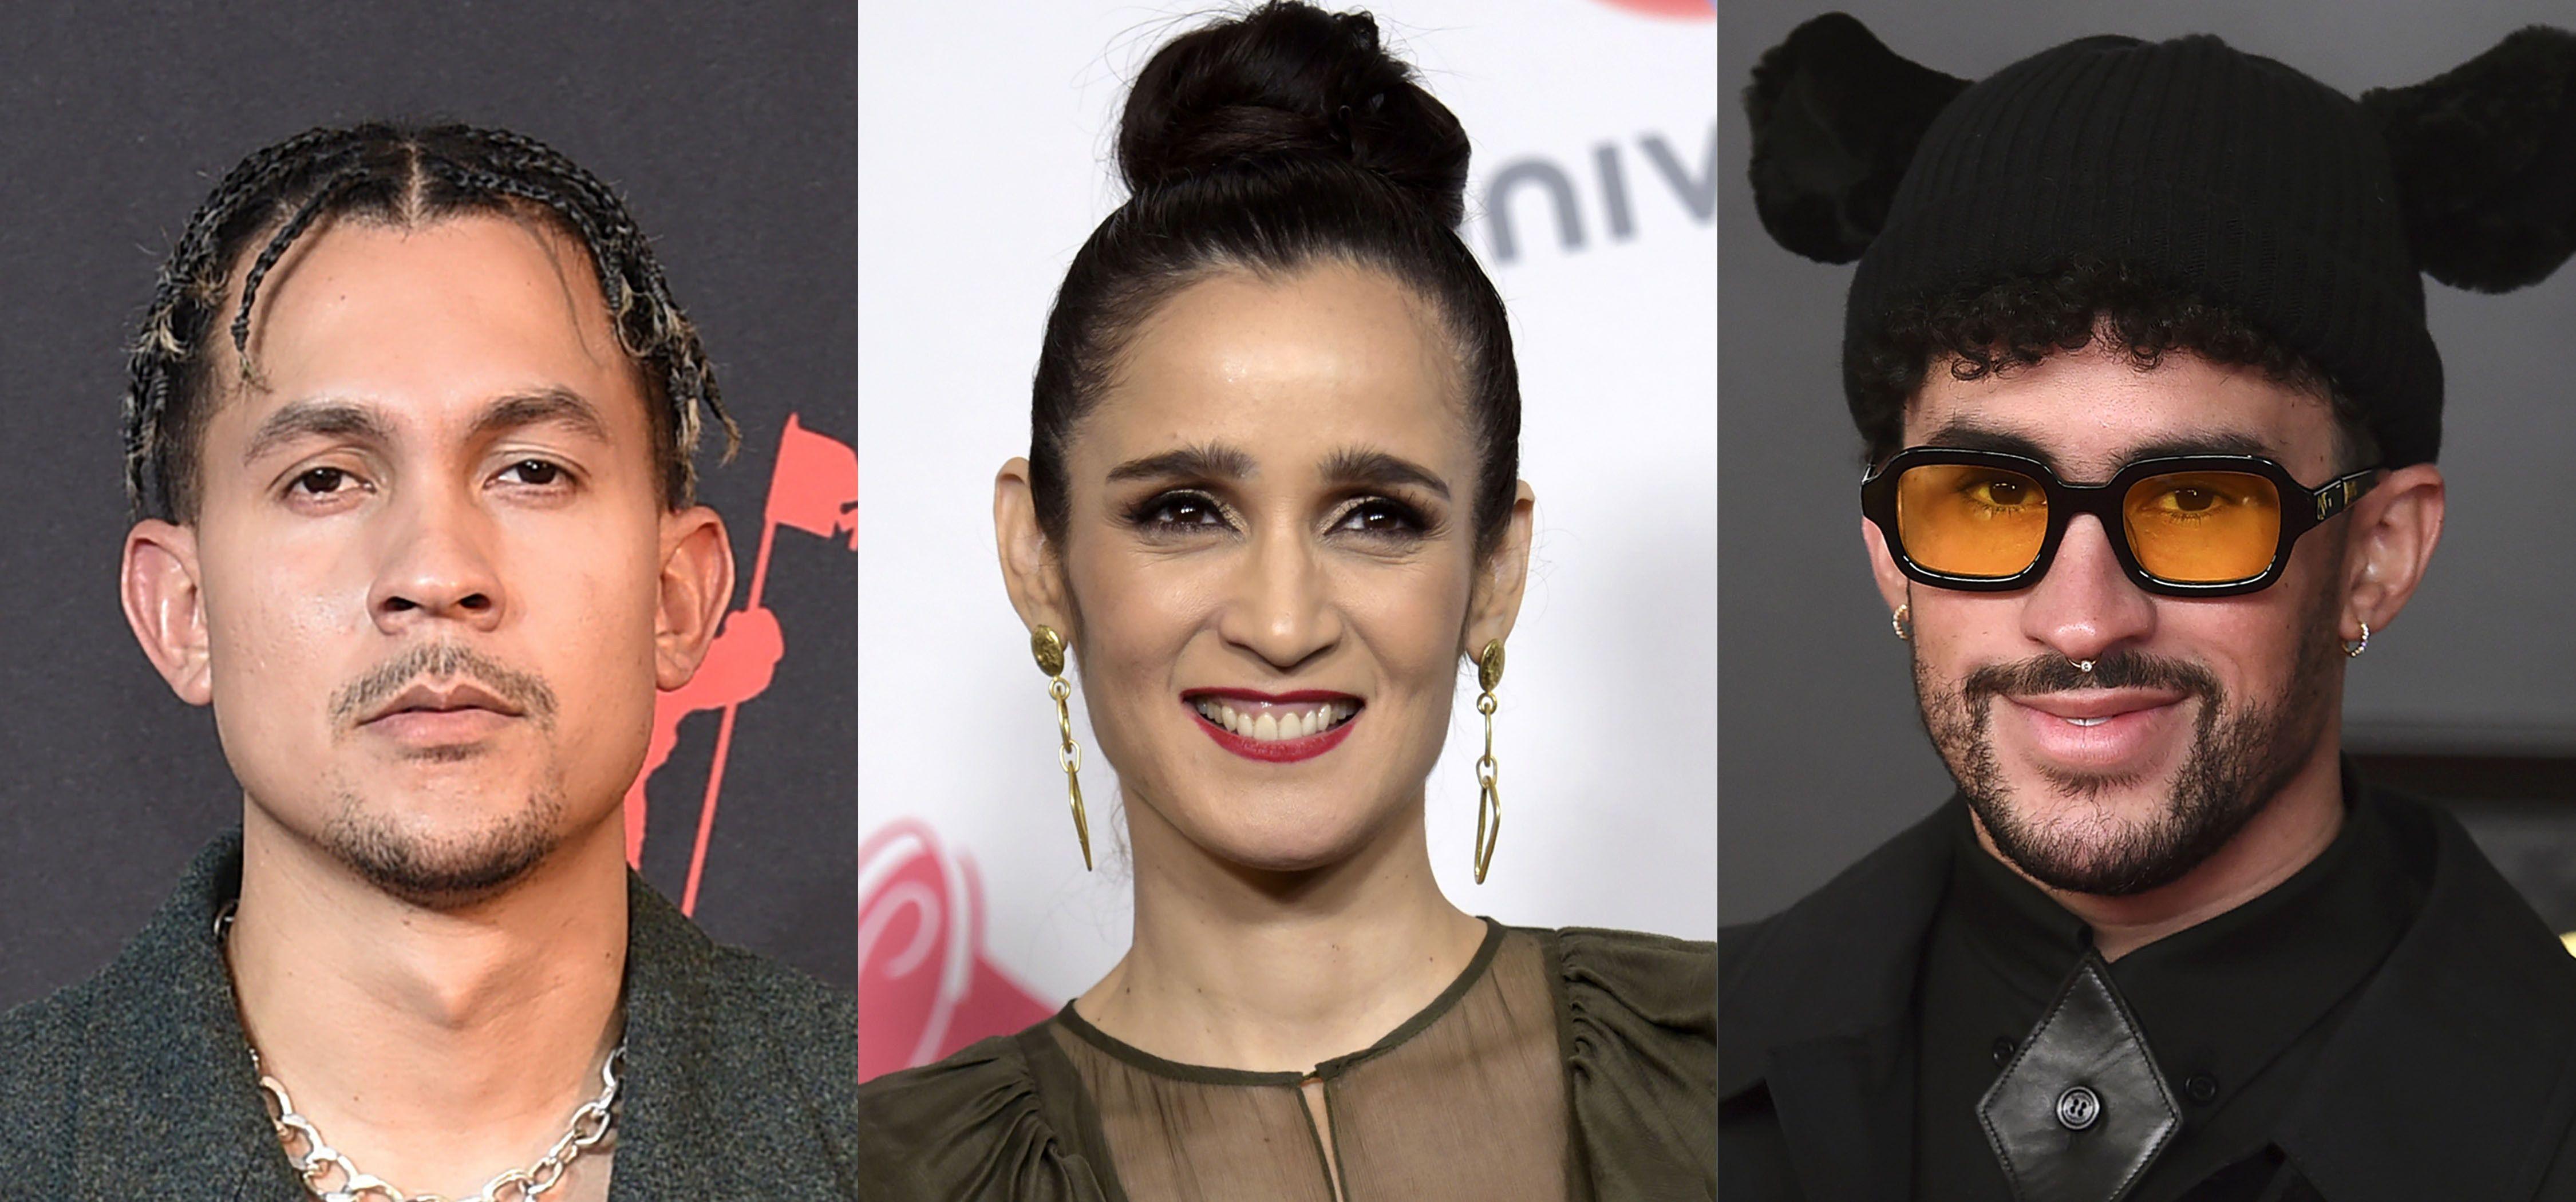 En esta combinación de fotografías de izquierda a derecha: Tainy, Julieta Venegas y Bad Bunny. Tainy lanzó la canción Lo Siento BB:/ con Venegas y Bad Bunny.